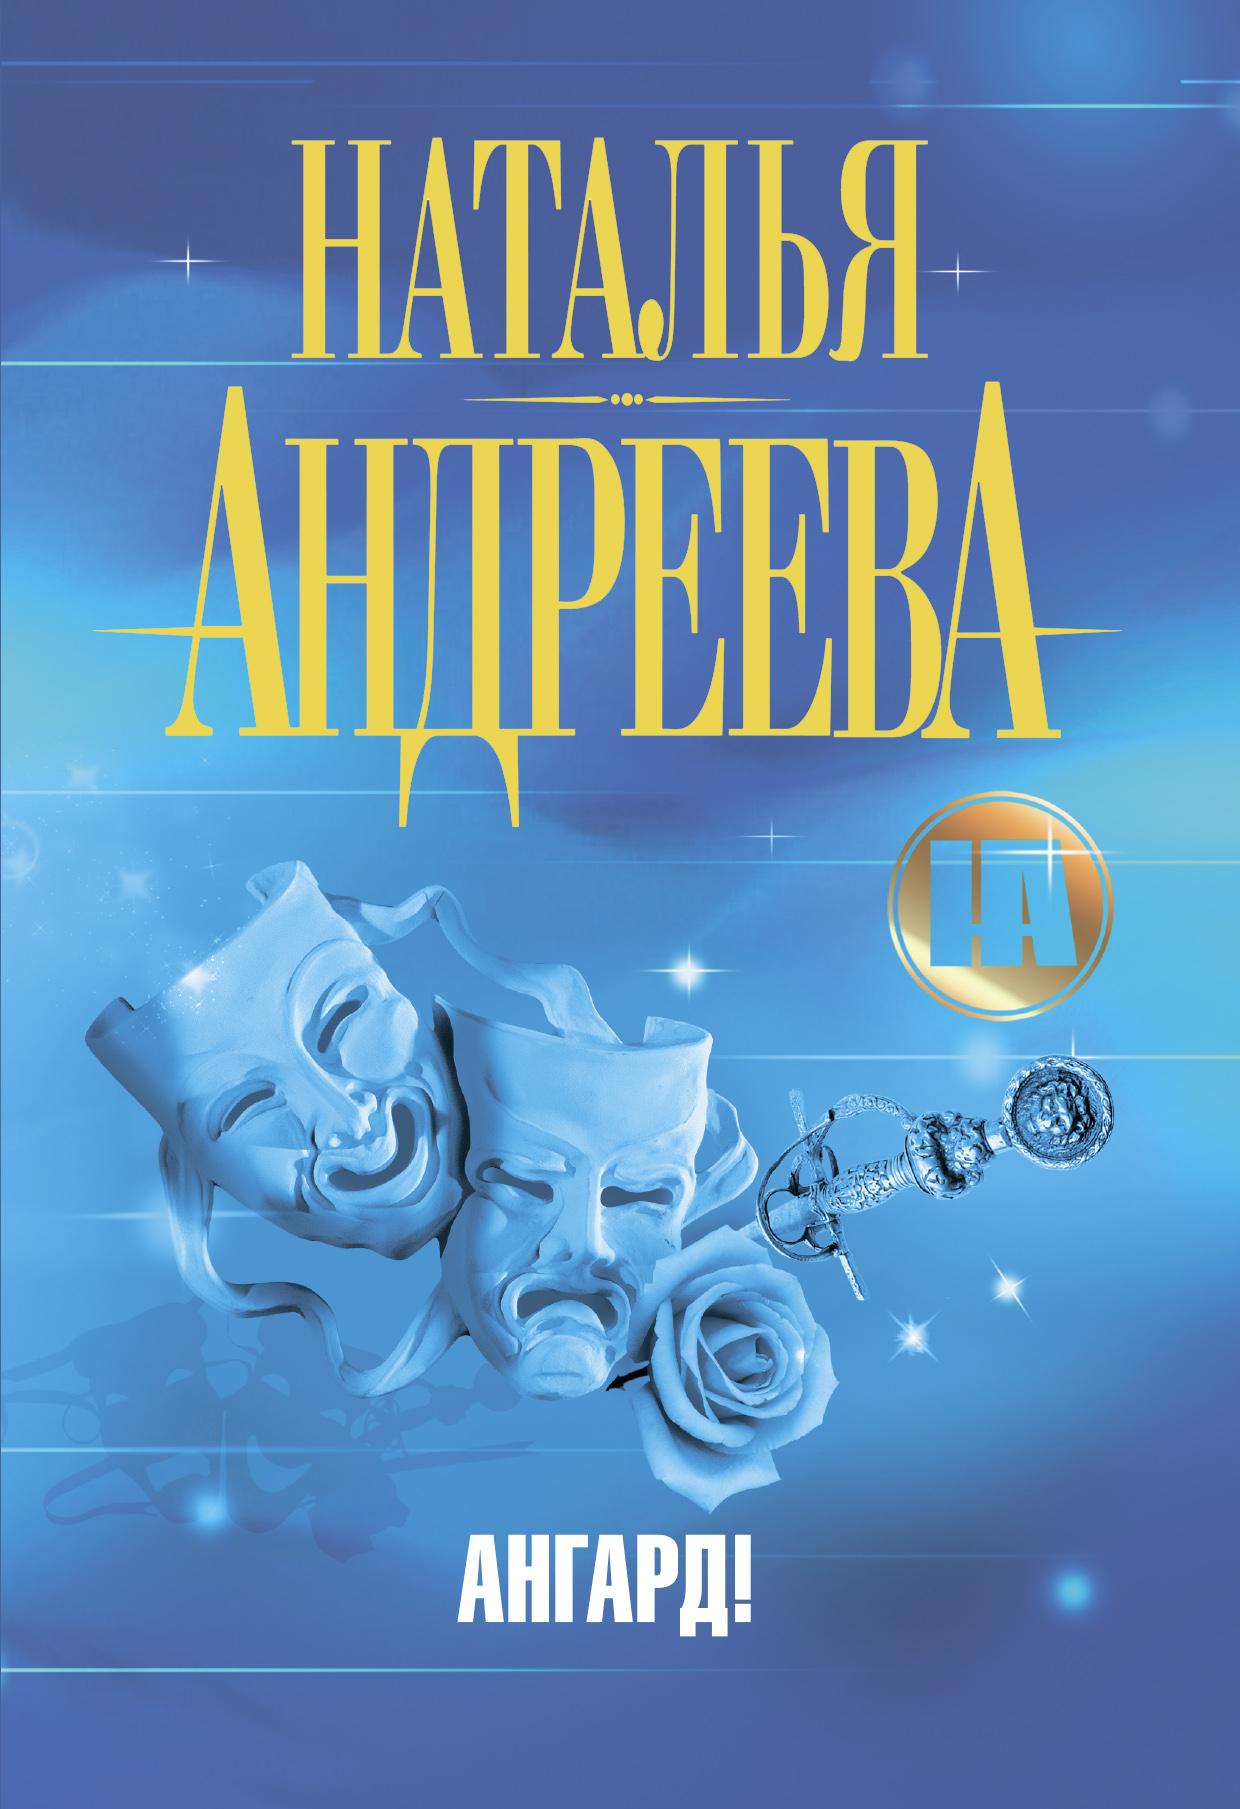 цена на Наталья Андреева Ангард!